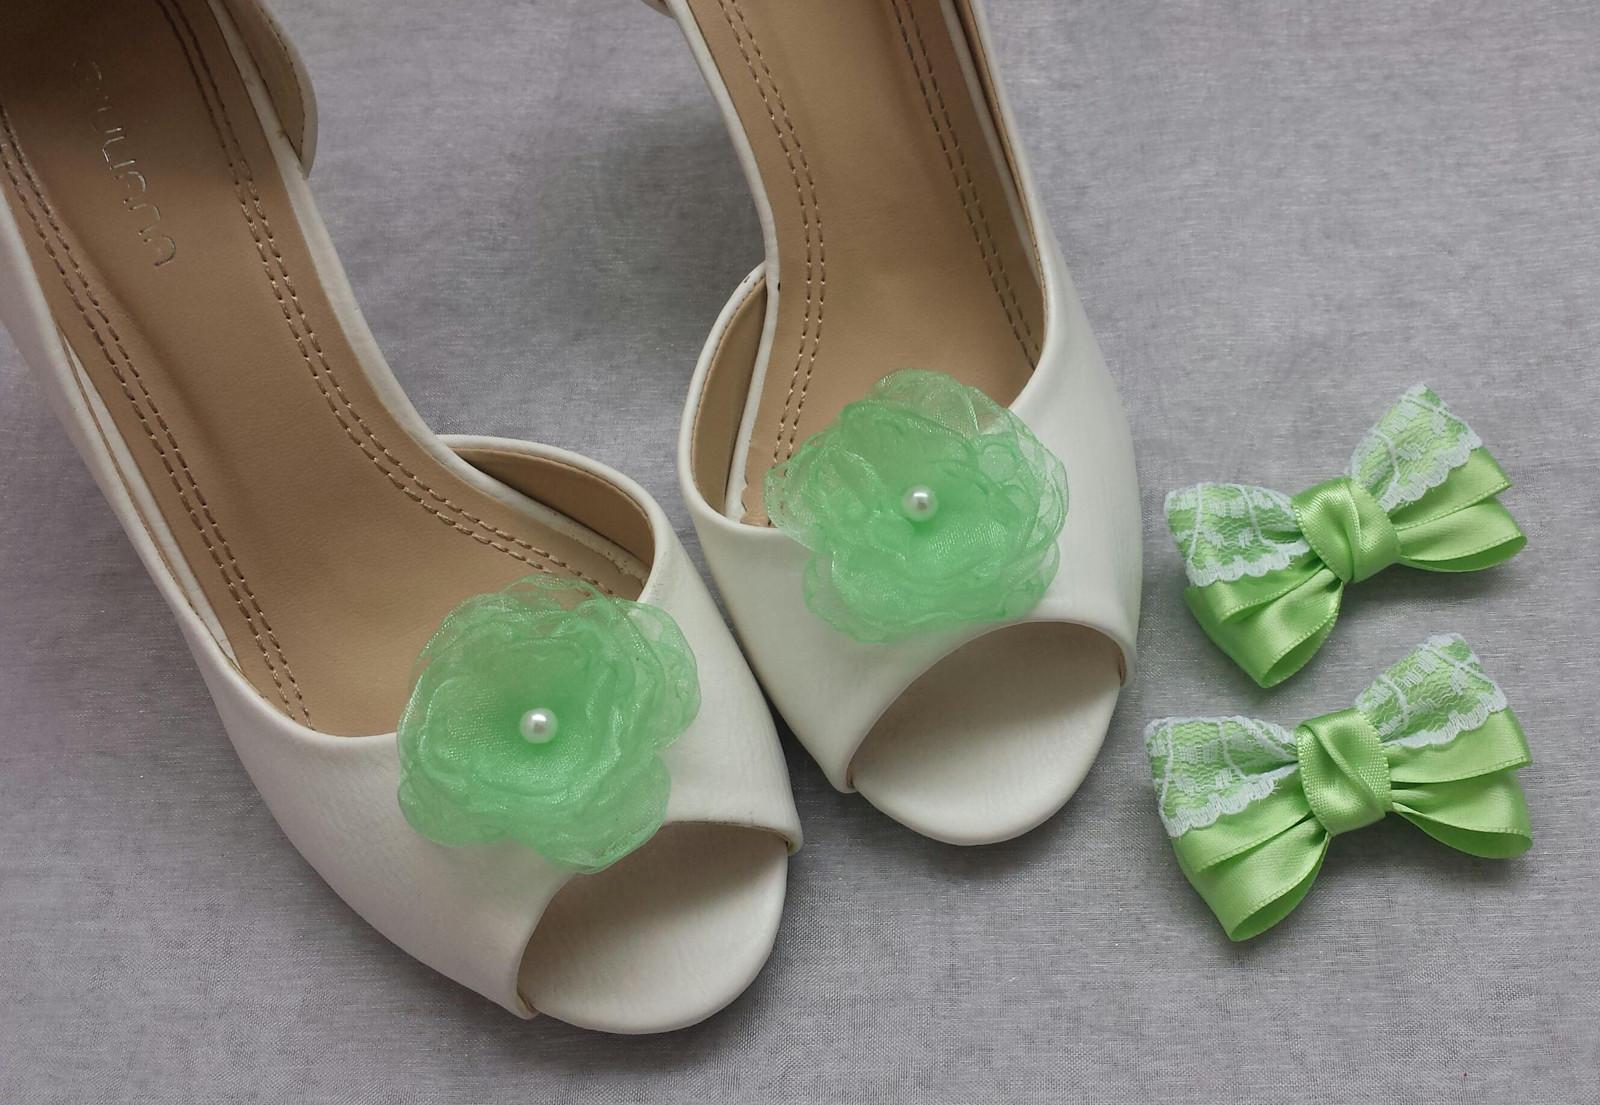 Klipy na boty s krajkou odstín dle přání - Obrázek č. 3